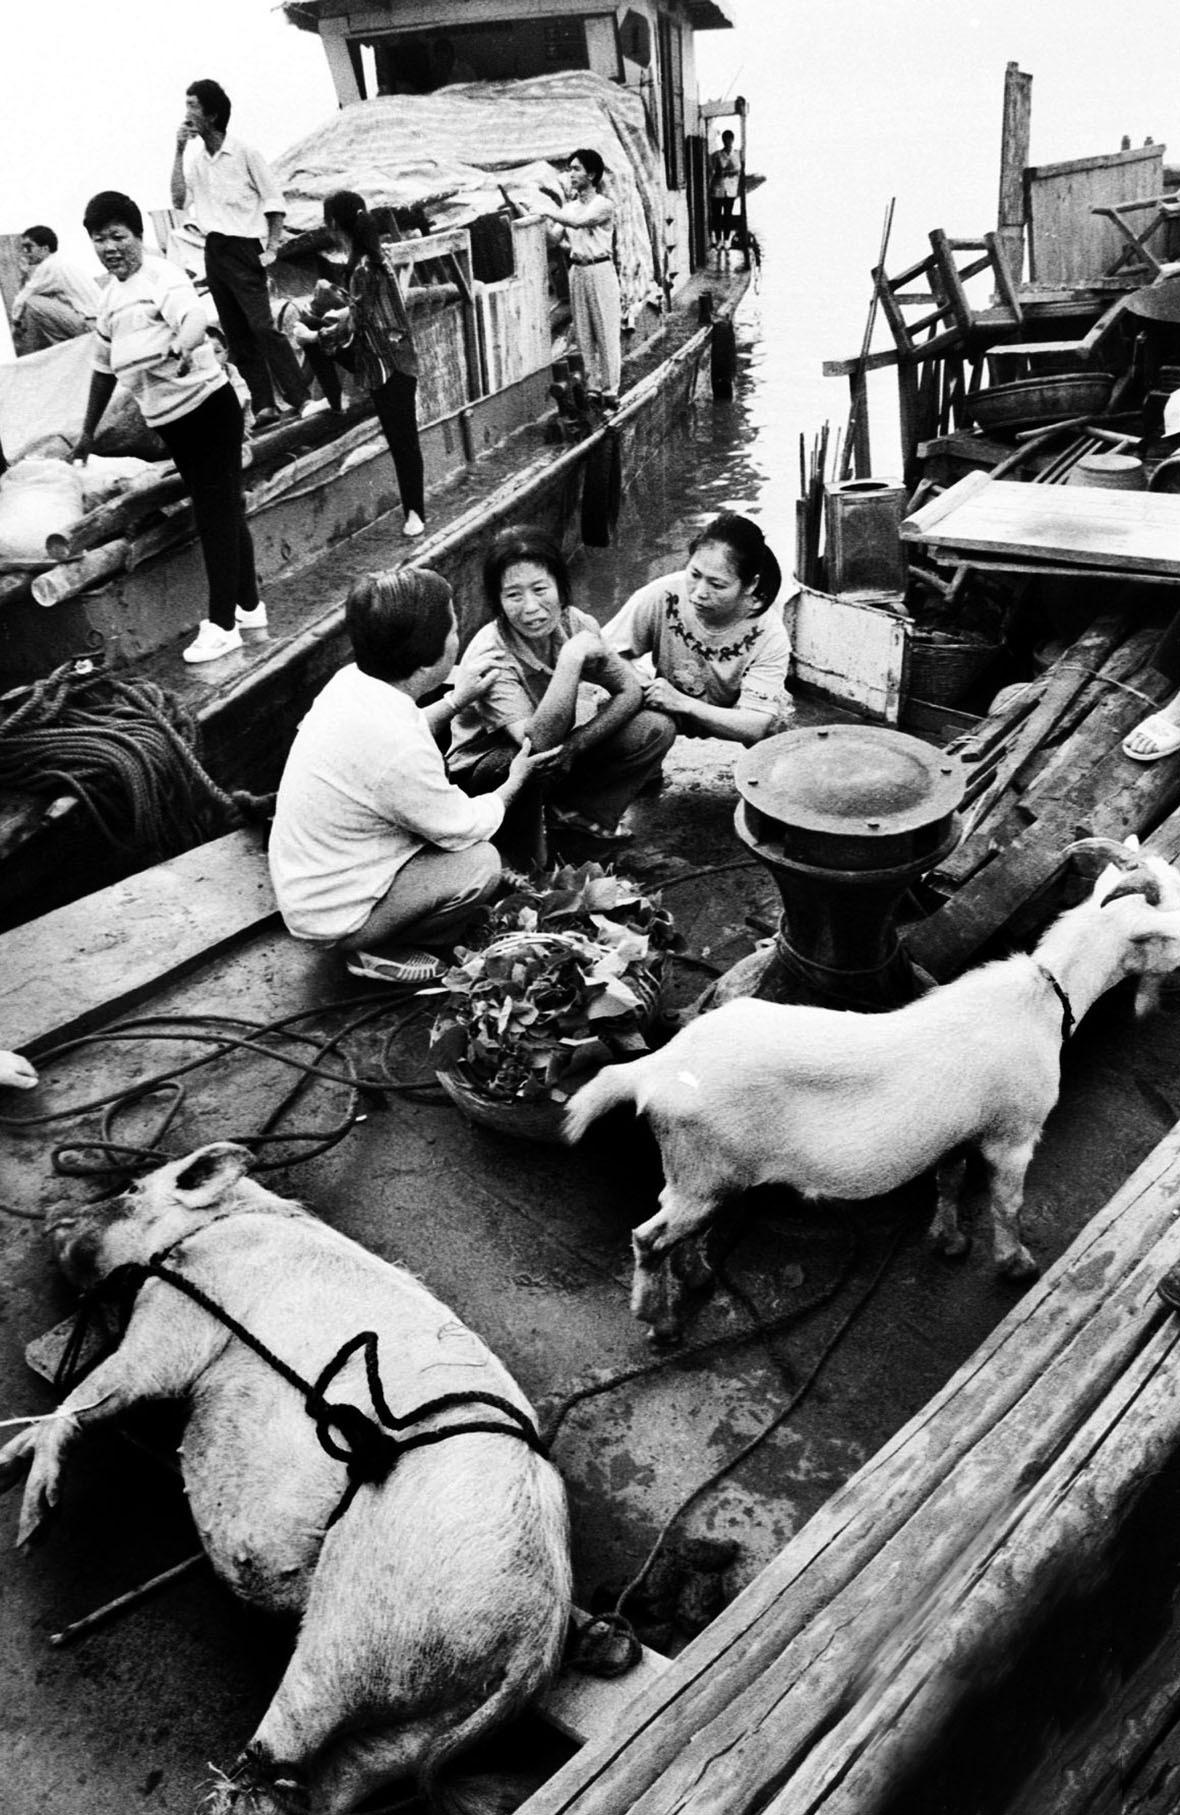 很多當地的村民將家中最值錢牲口運到船上,一同離開故鄉。